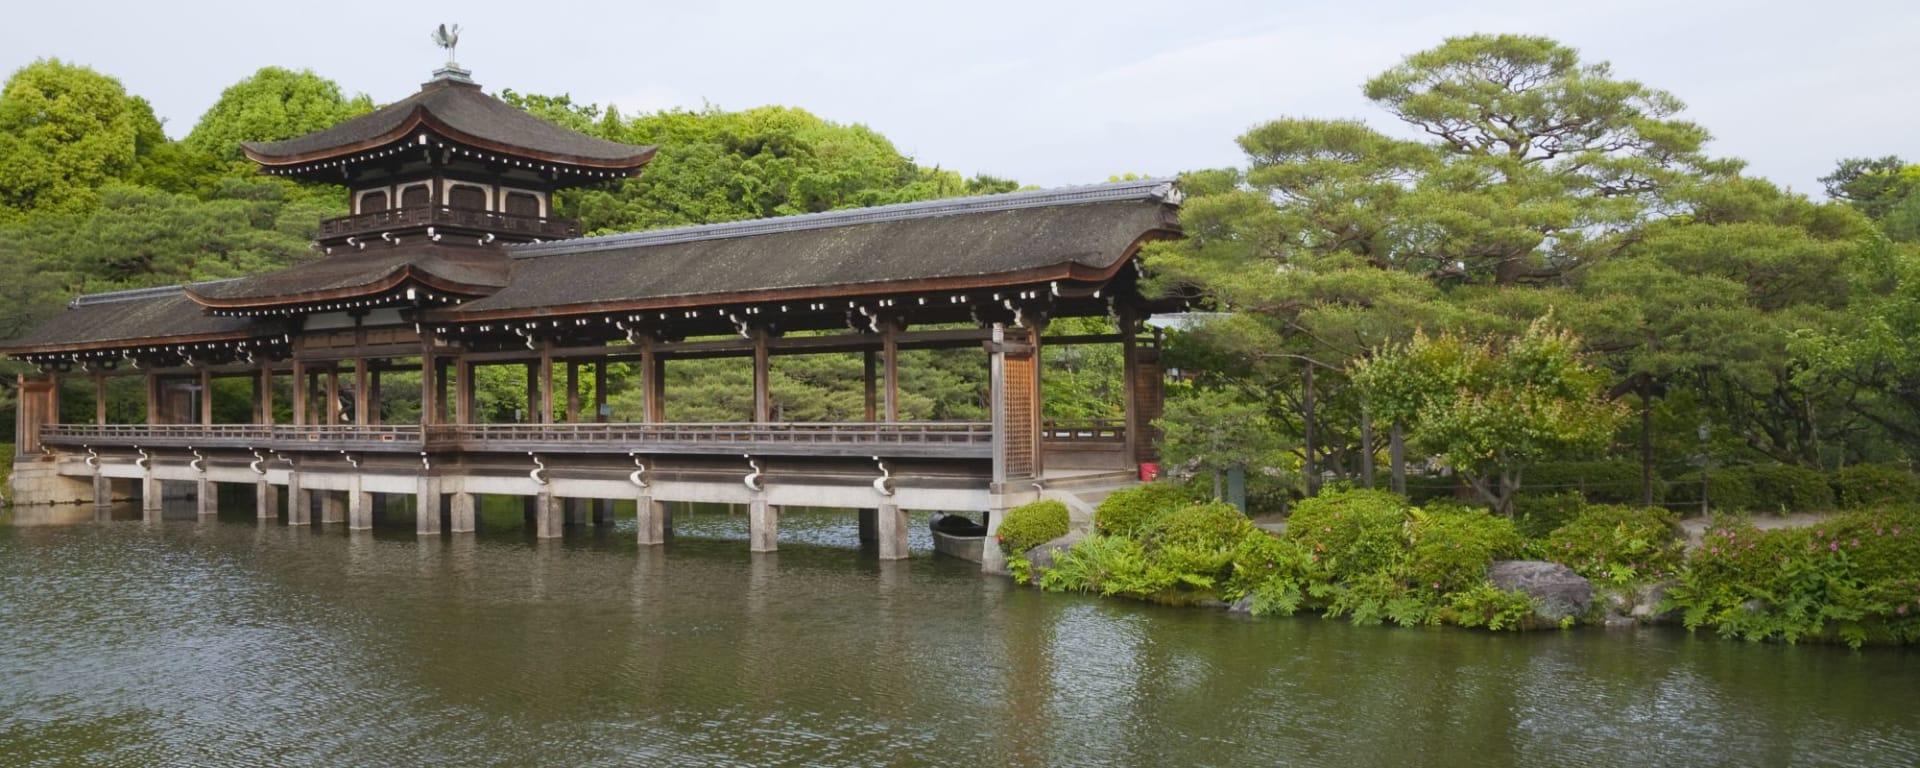 Côté méconnu de Kyoto à vélo - demi journée: 106428161